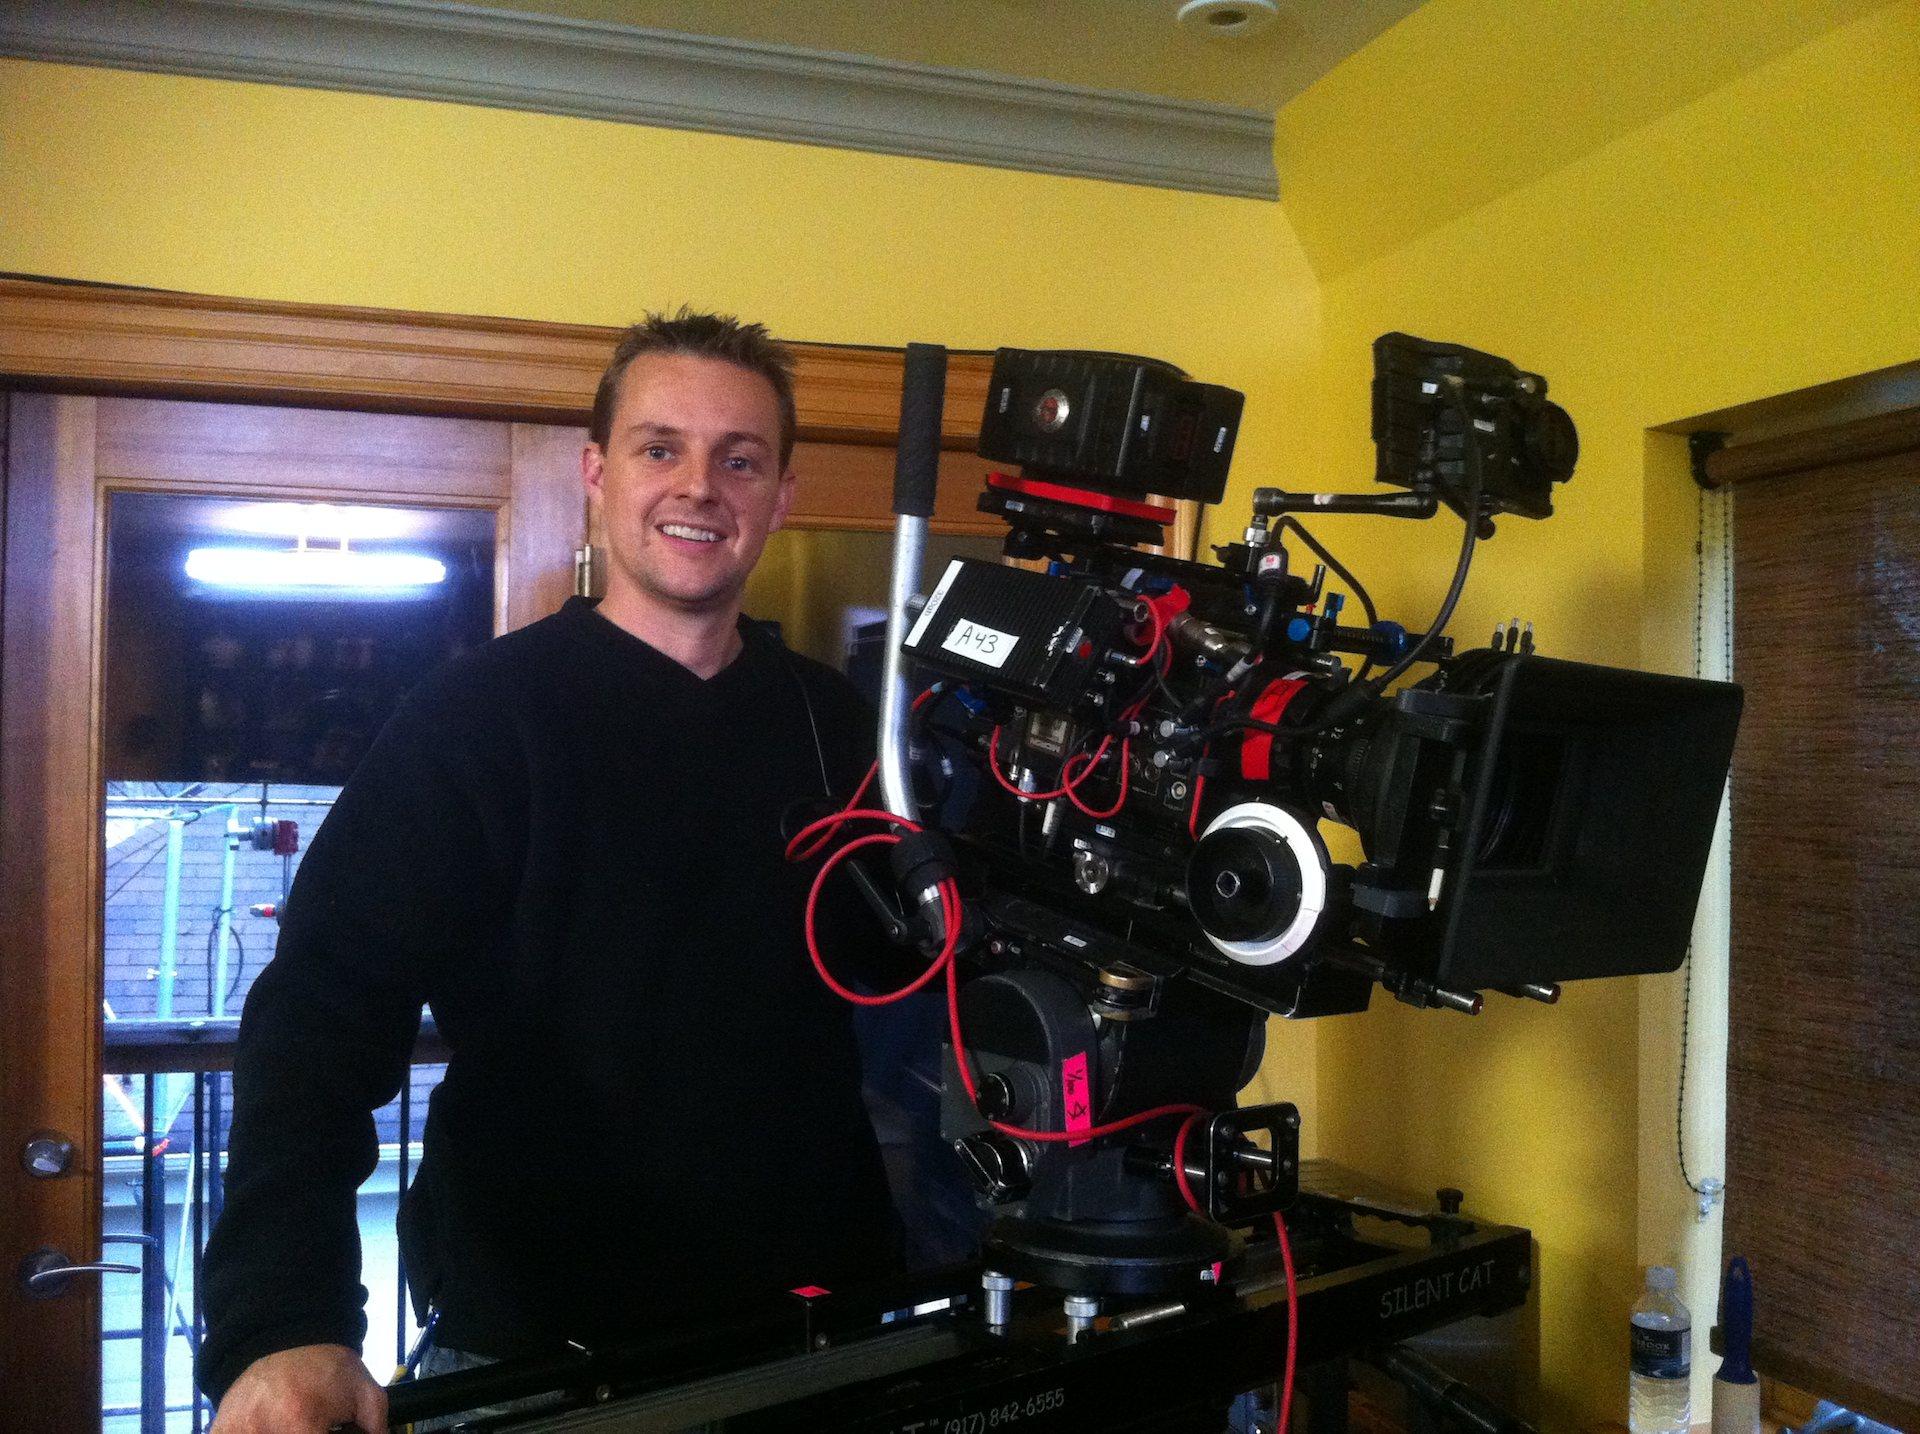 Producer, Alex Jordan